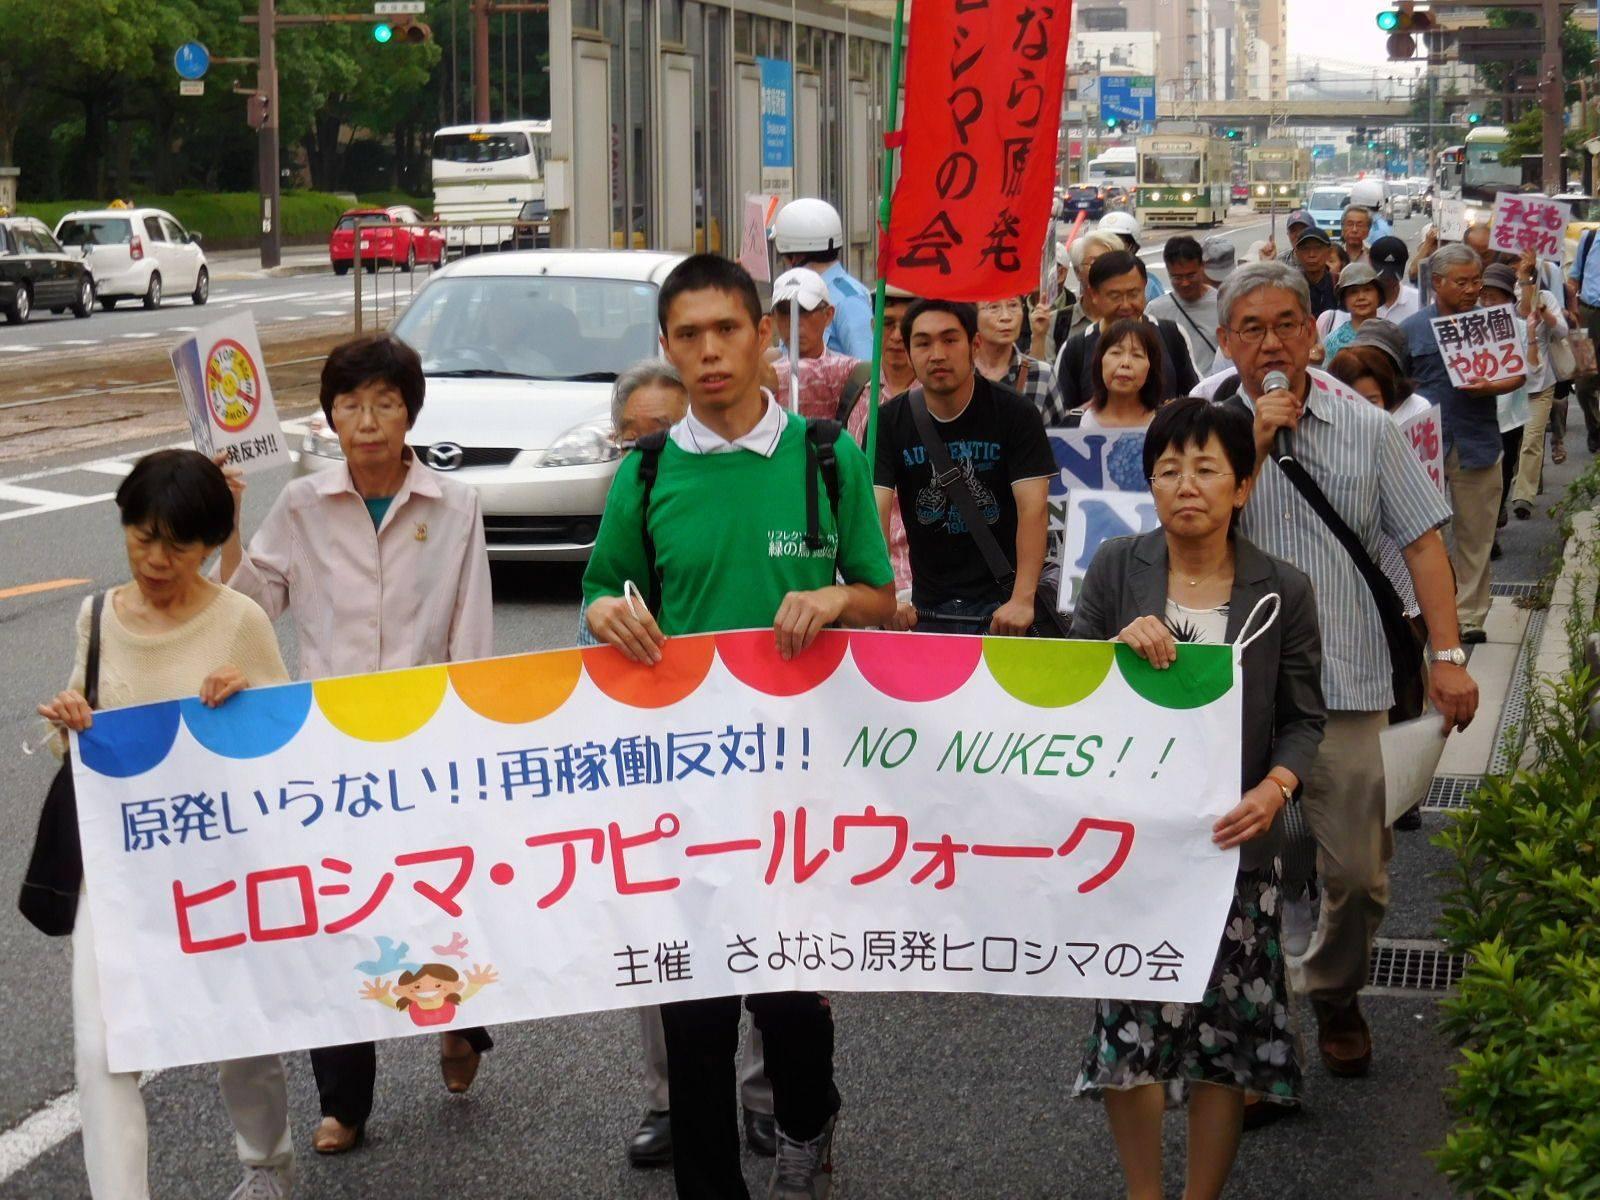 「中国電力はスラップ訴訟を取り下げろ!」原発いらない!ヒロシマ・アピールウォーク_e0094315_21202339.jpg